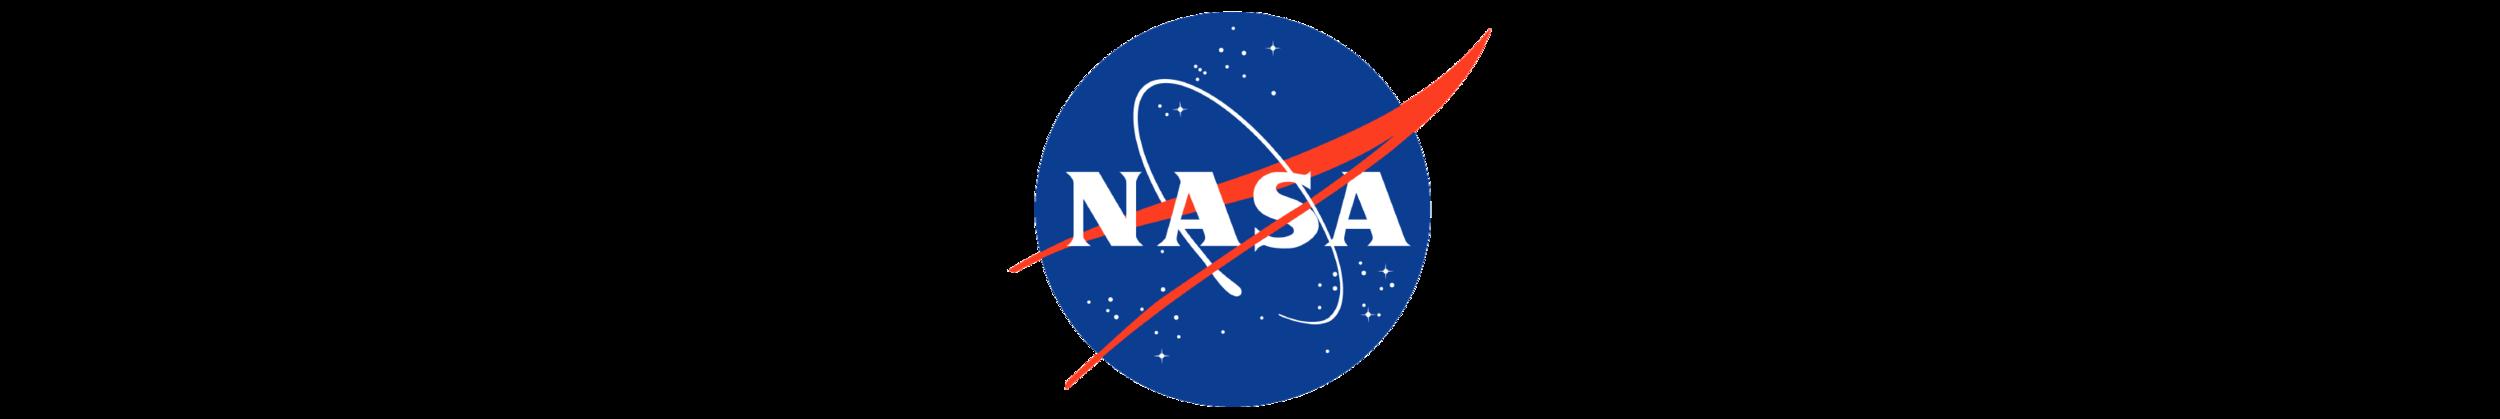 nasa_logo_wide-01.png